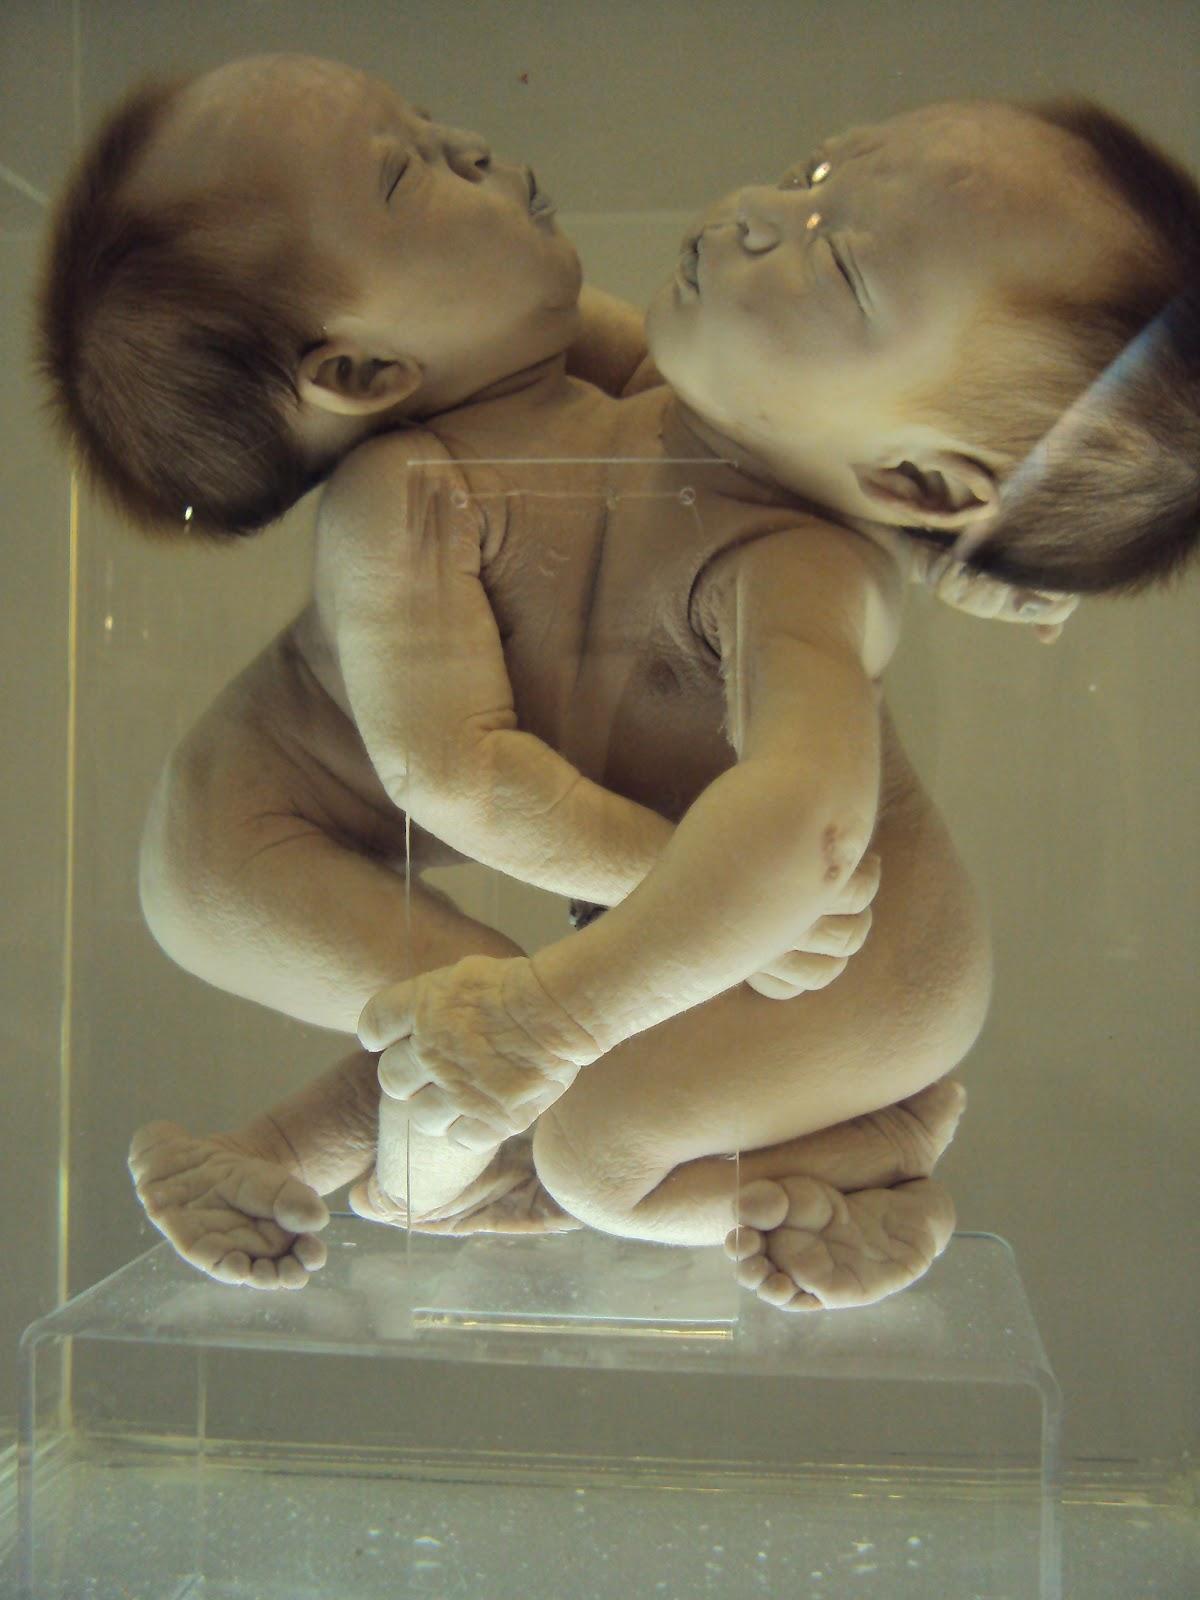 Gemelos-Siameses: mayo 2012